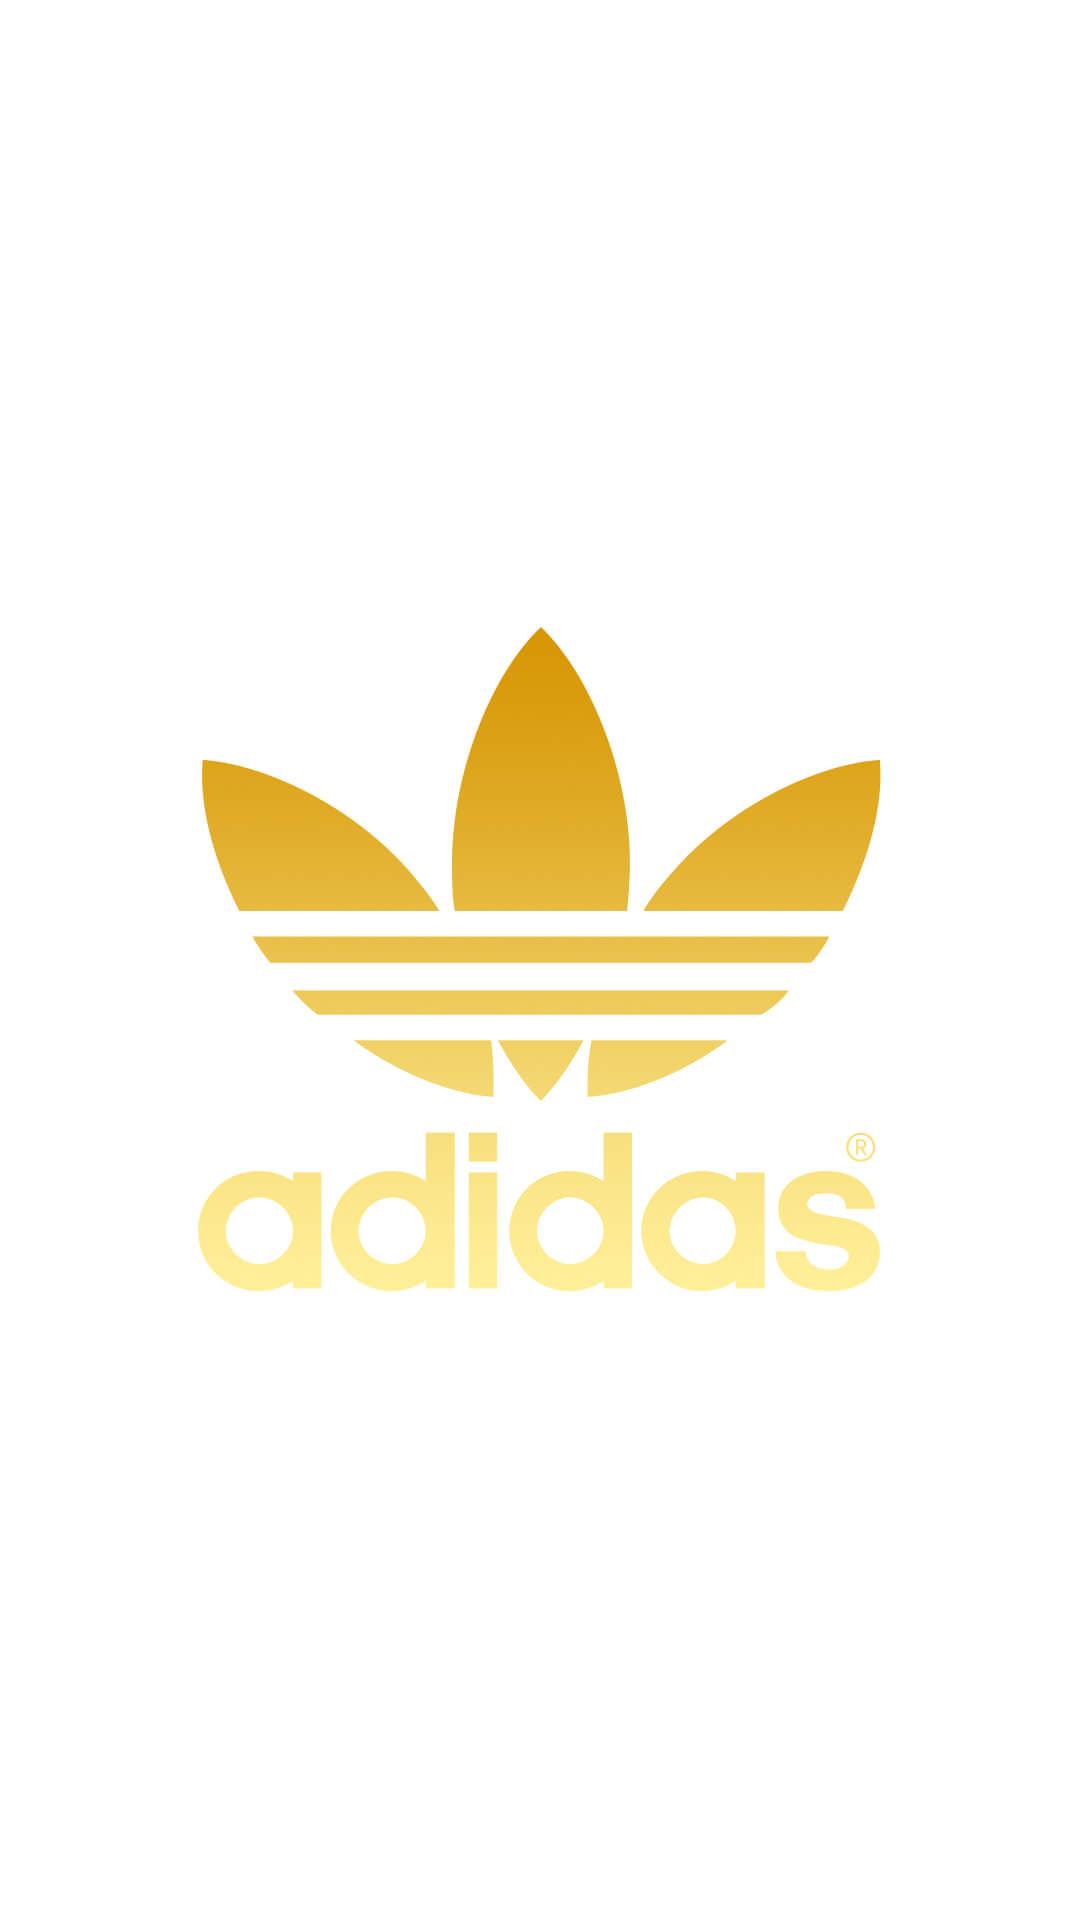 adidas21